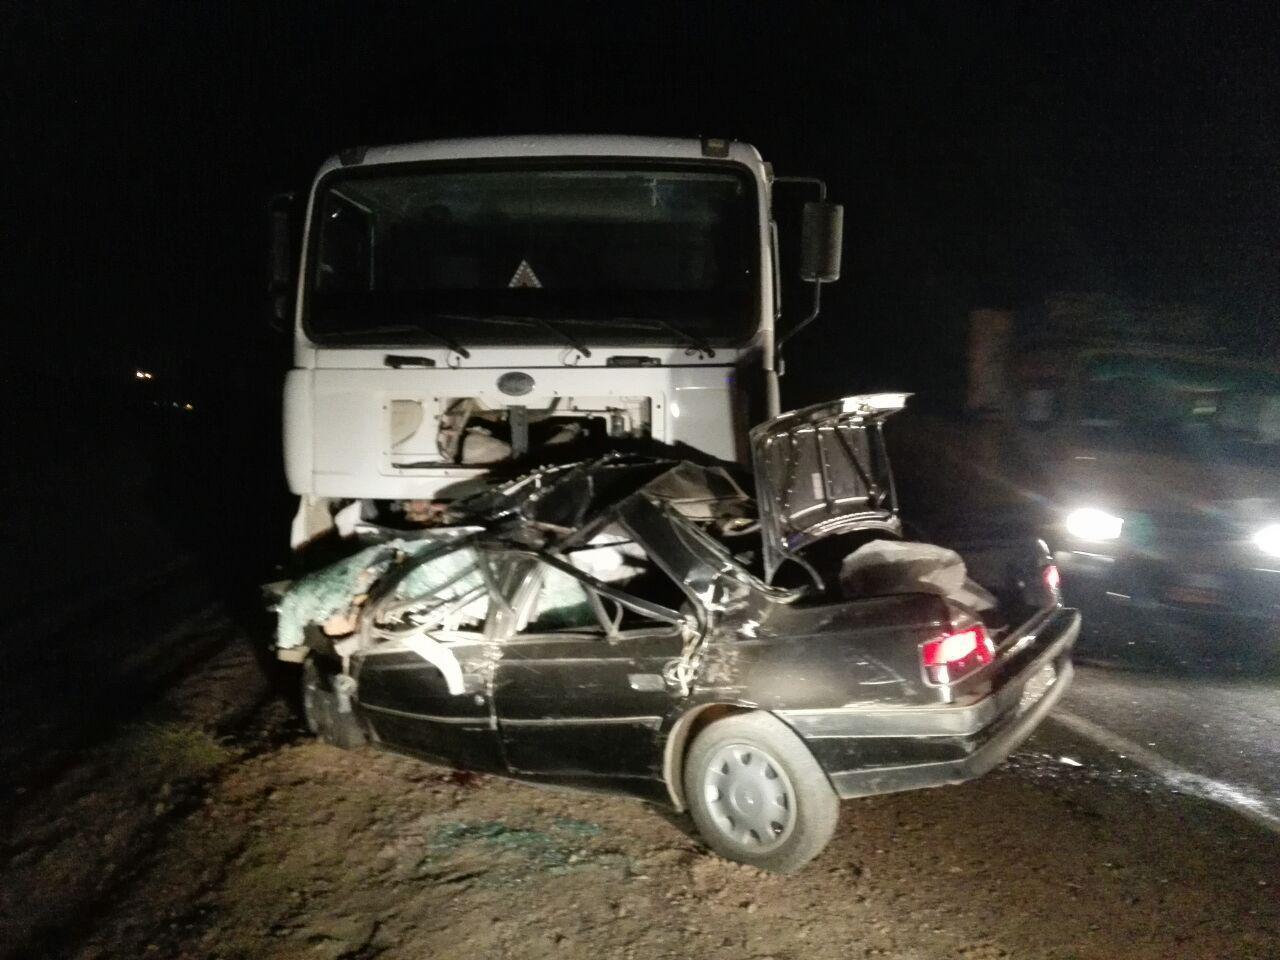 3 کشته و زخمی در تصادف محور قدیم ساوه -تهران +تصاویر